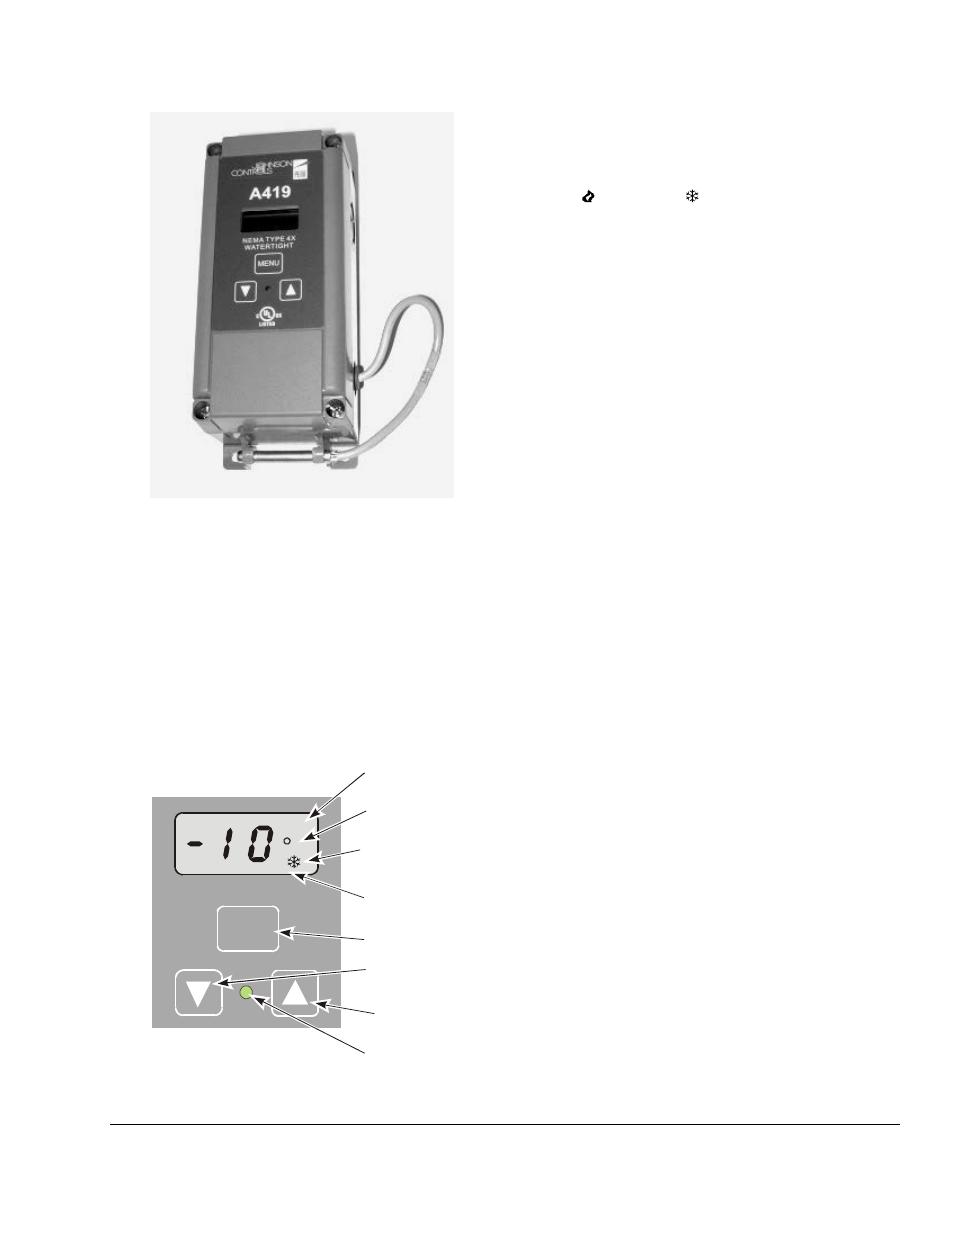 Omron Temperature Controller E5ek Series Manual Guide